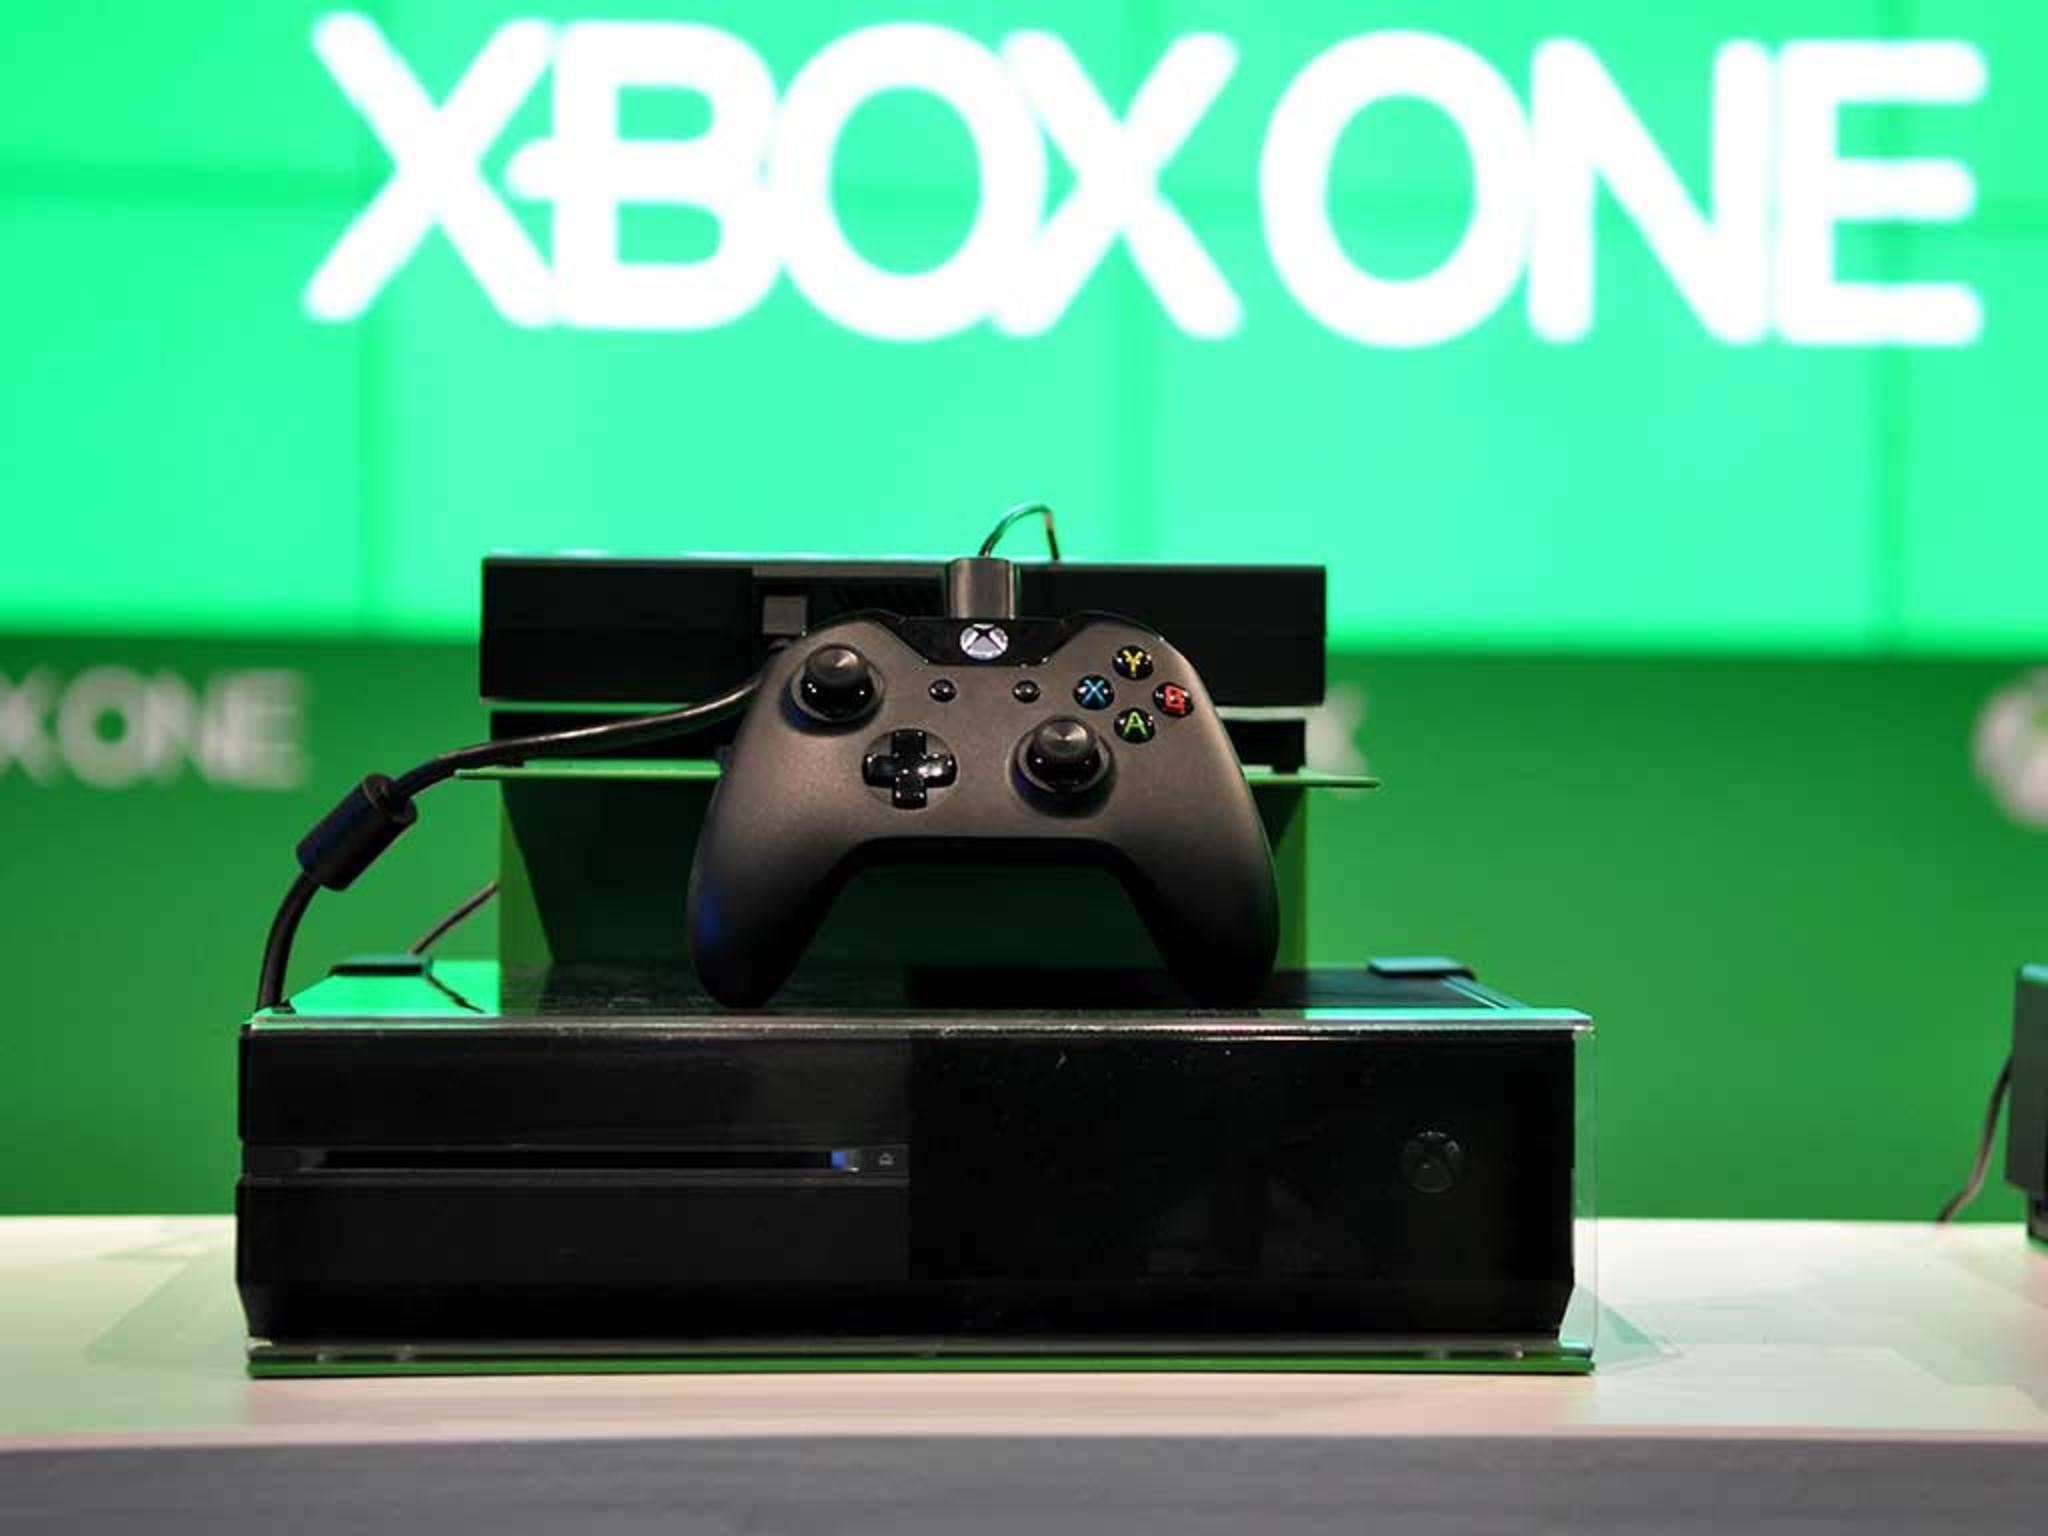 Plant Microsoft ein Art Xbox Slim für Einsteiger?